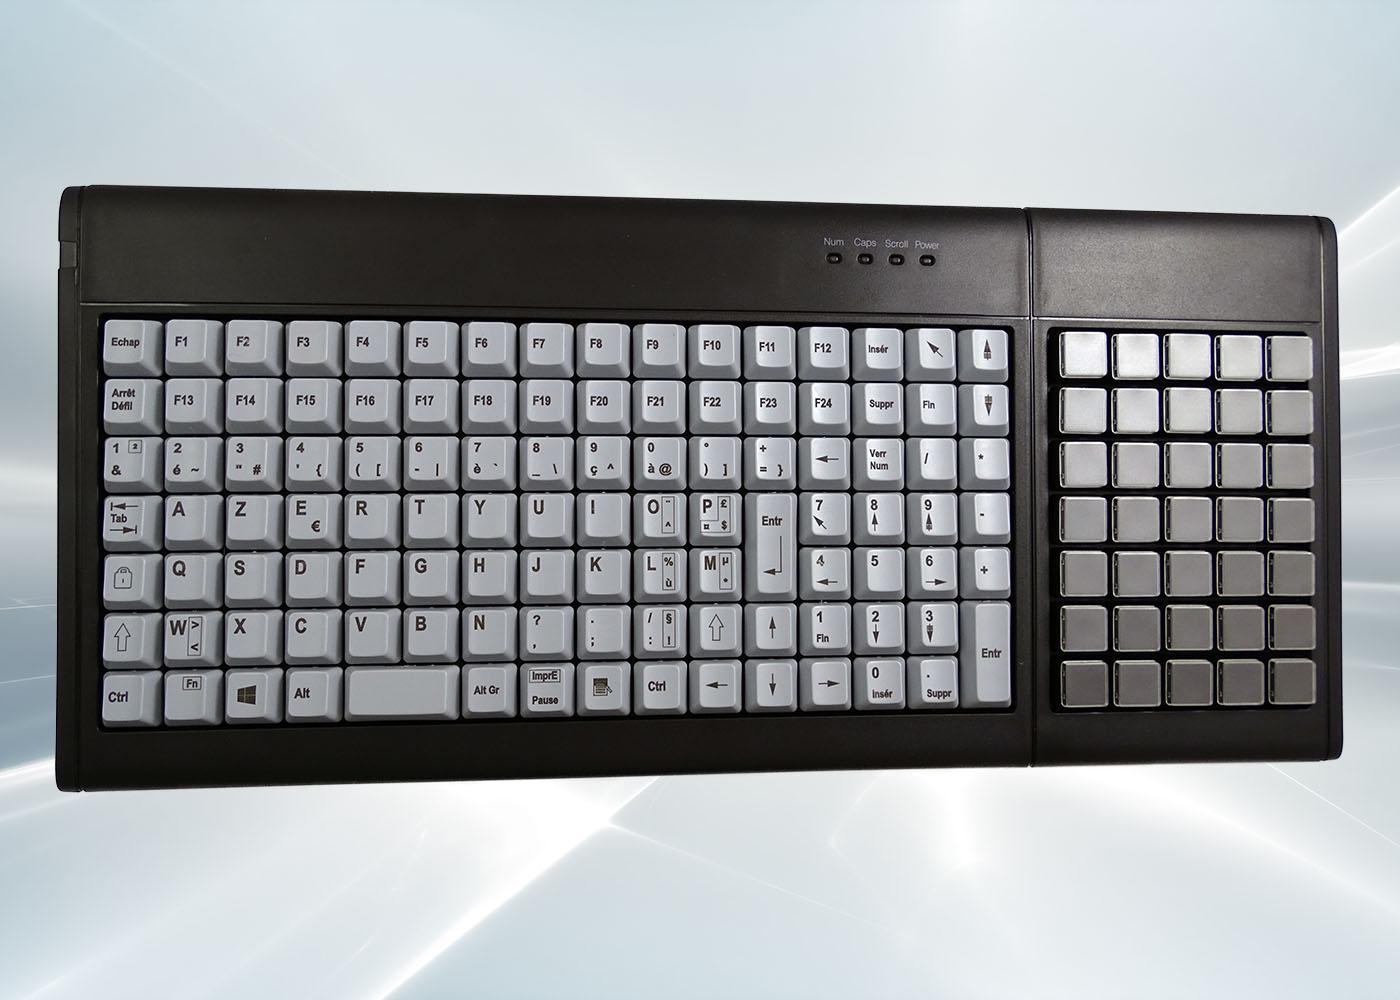 Clavier semi-industriel 147 touches course longue avec hub USB – Vue de dessus